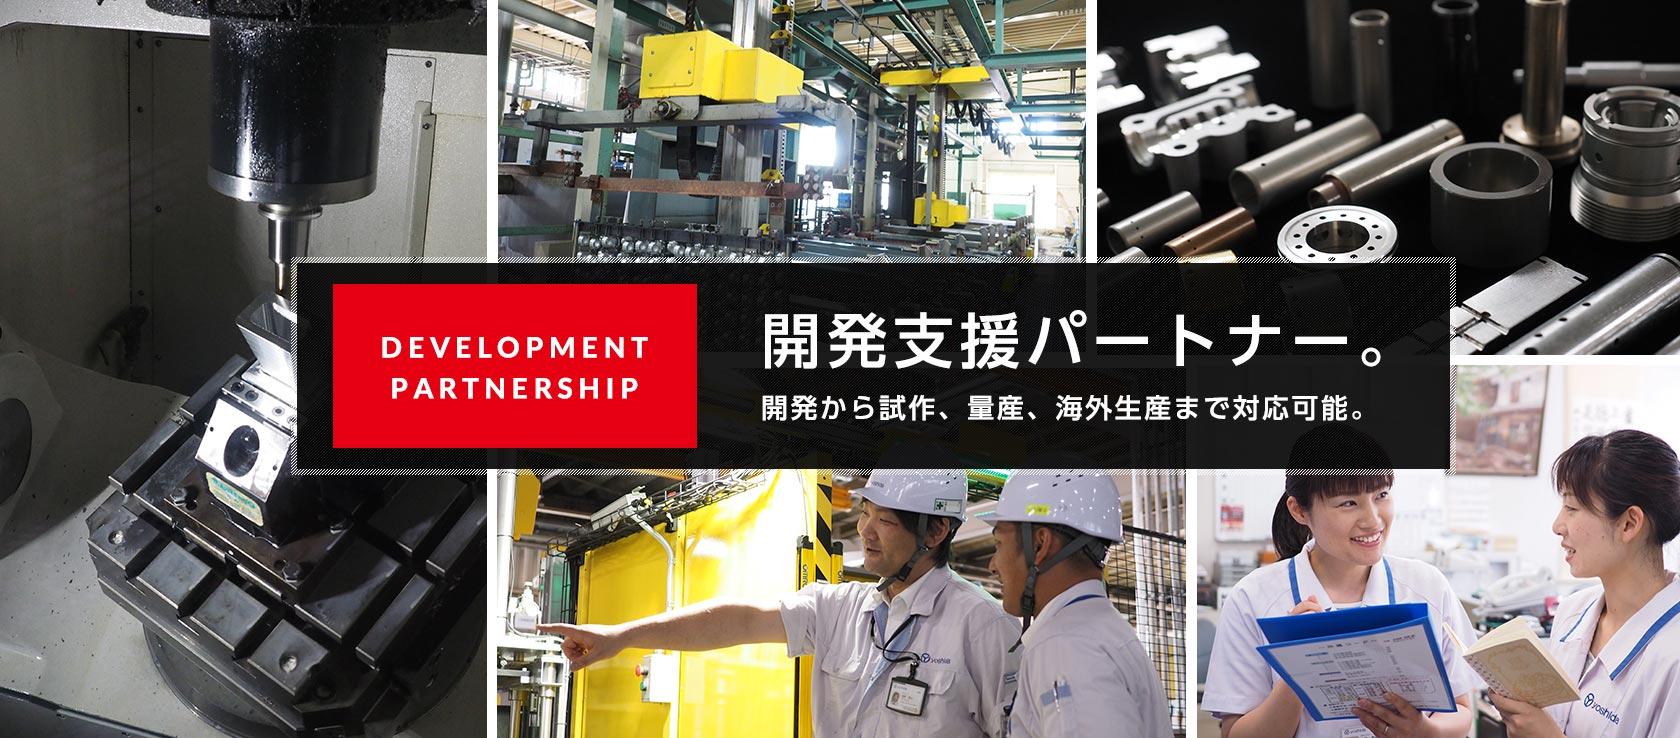 開発支援パートナー。開発から試作、量産、海外生産まで対応可能。